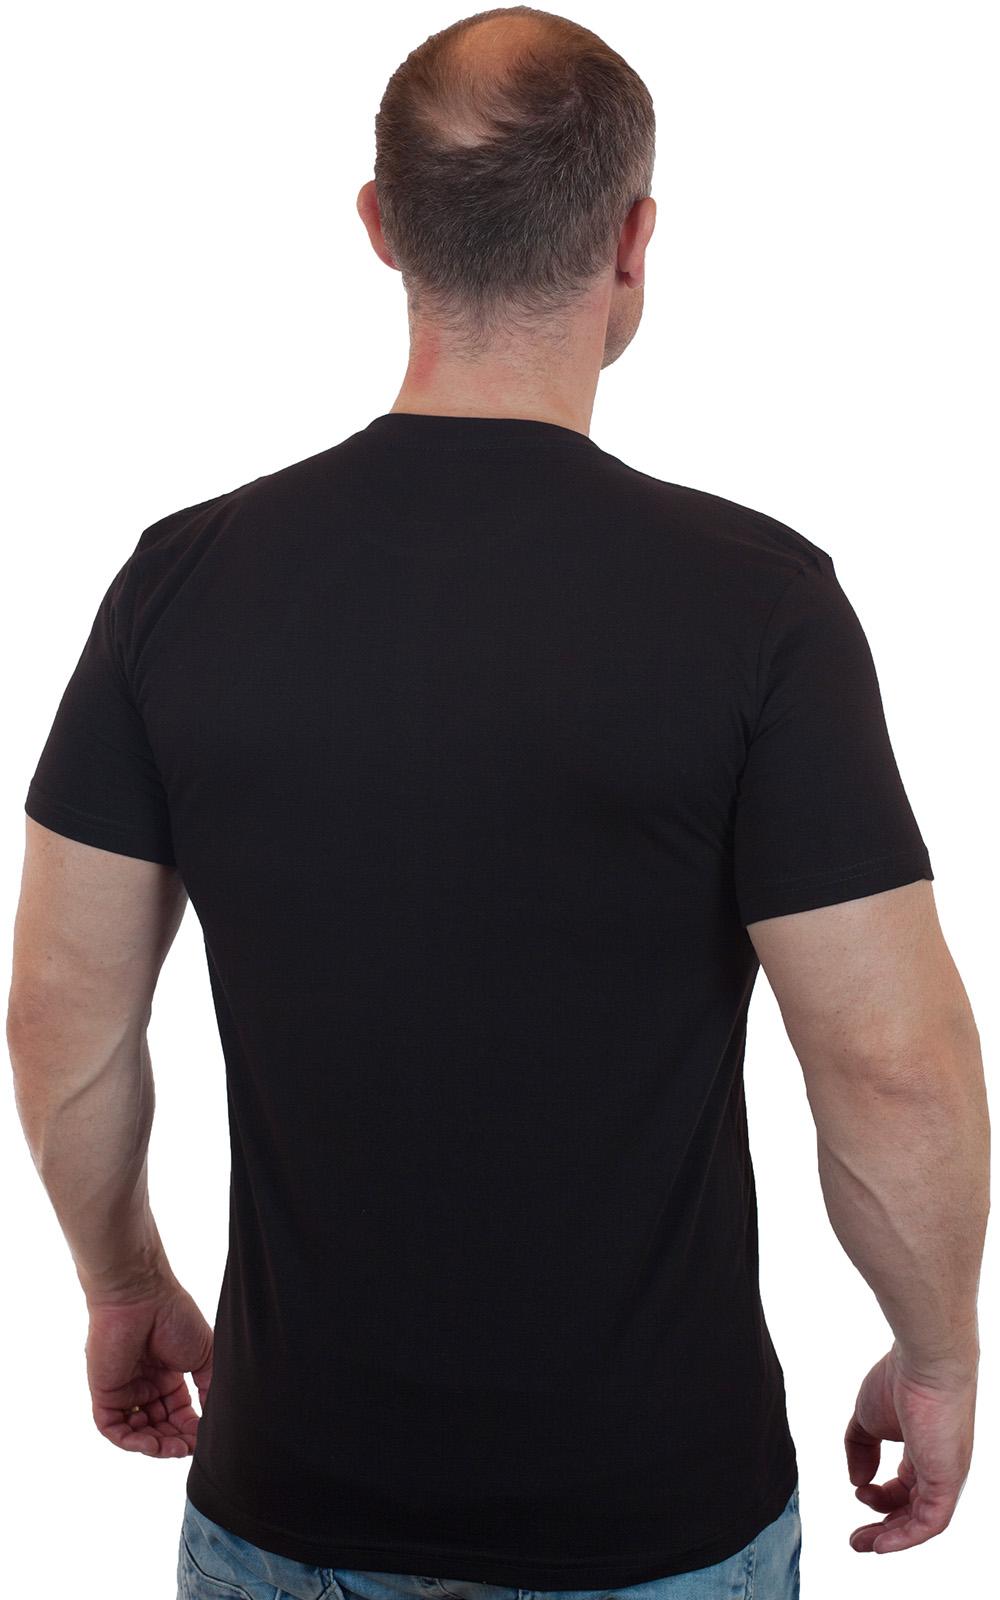 Черная мужская футболка с вышитым шевроном 33 Отдельная бригада Оперативного Назначения - купить по низкой цене